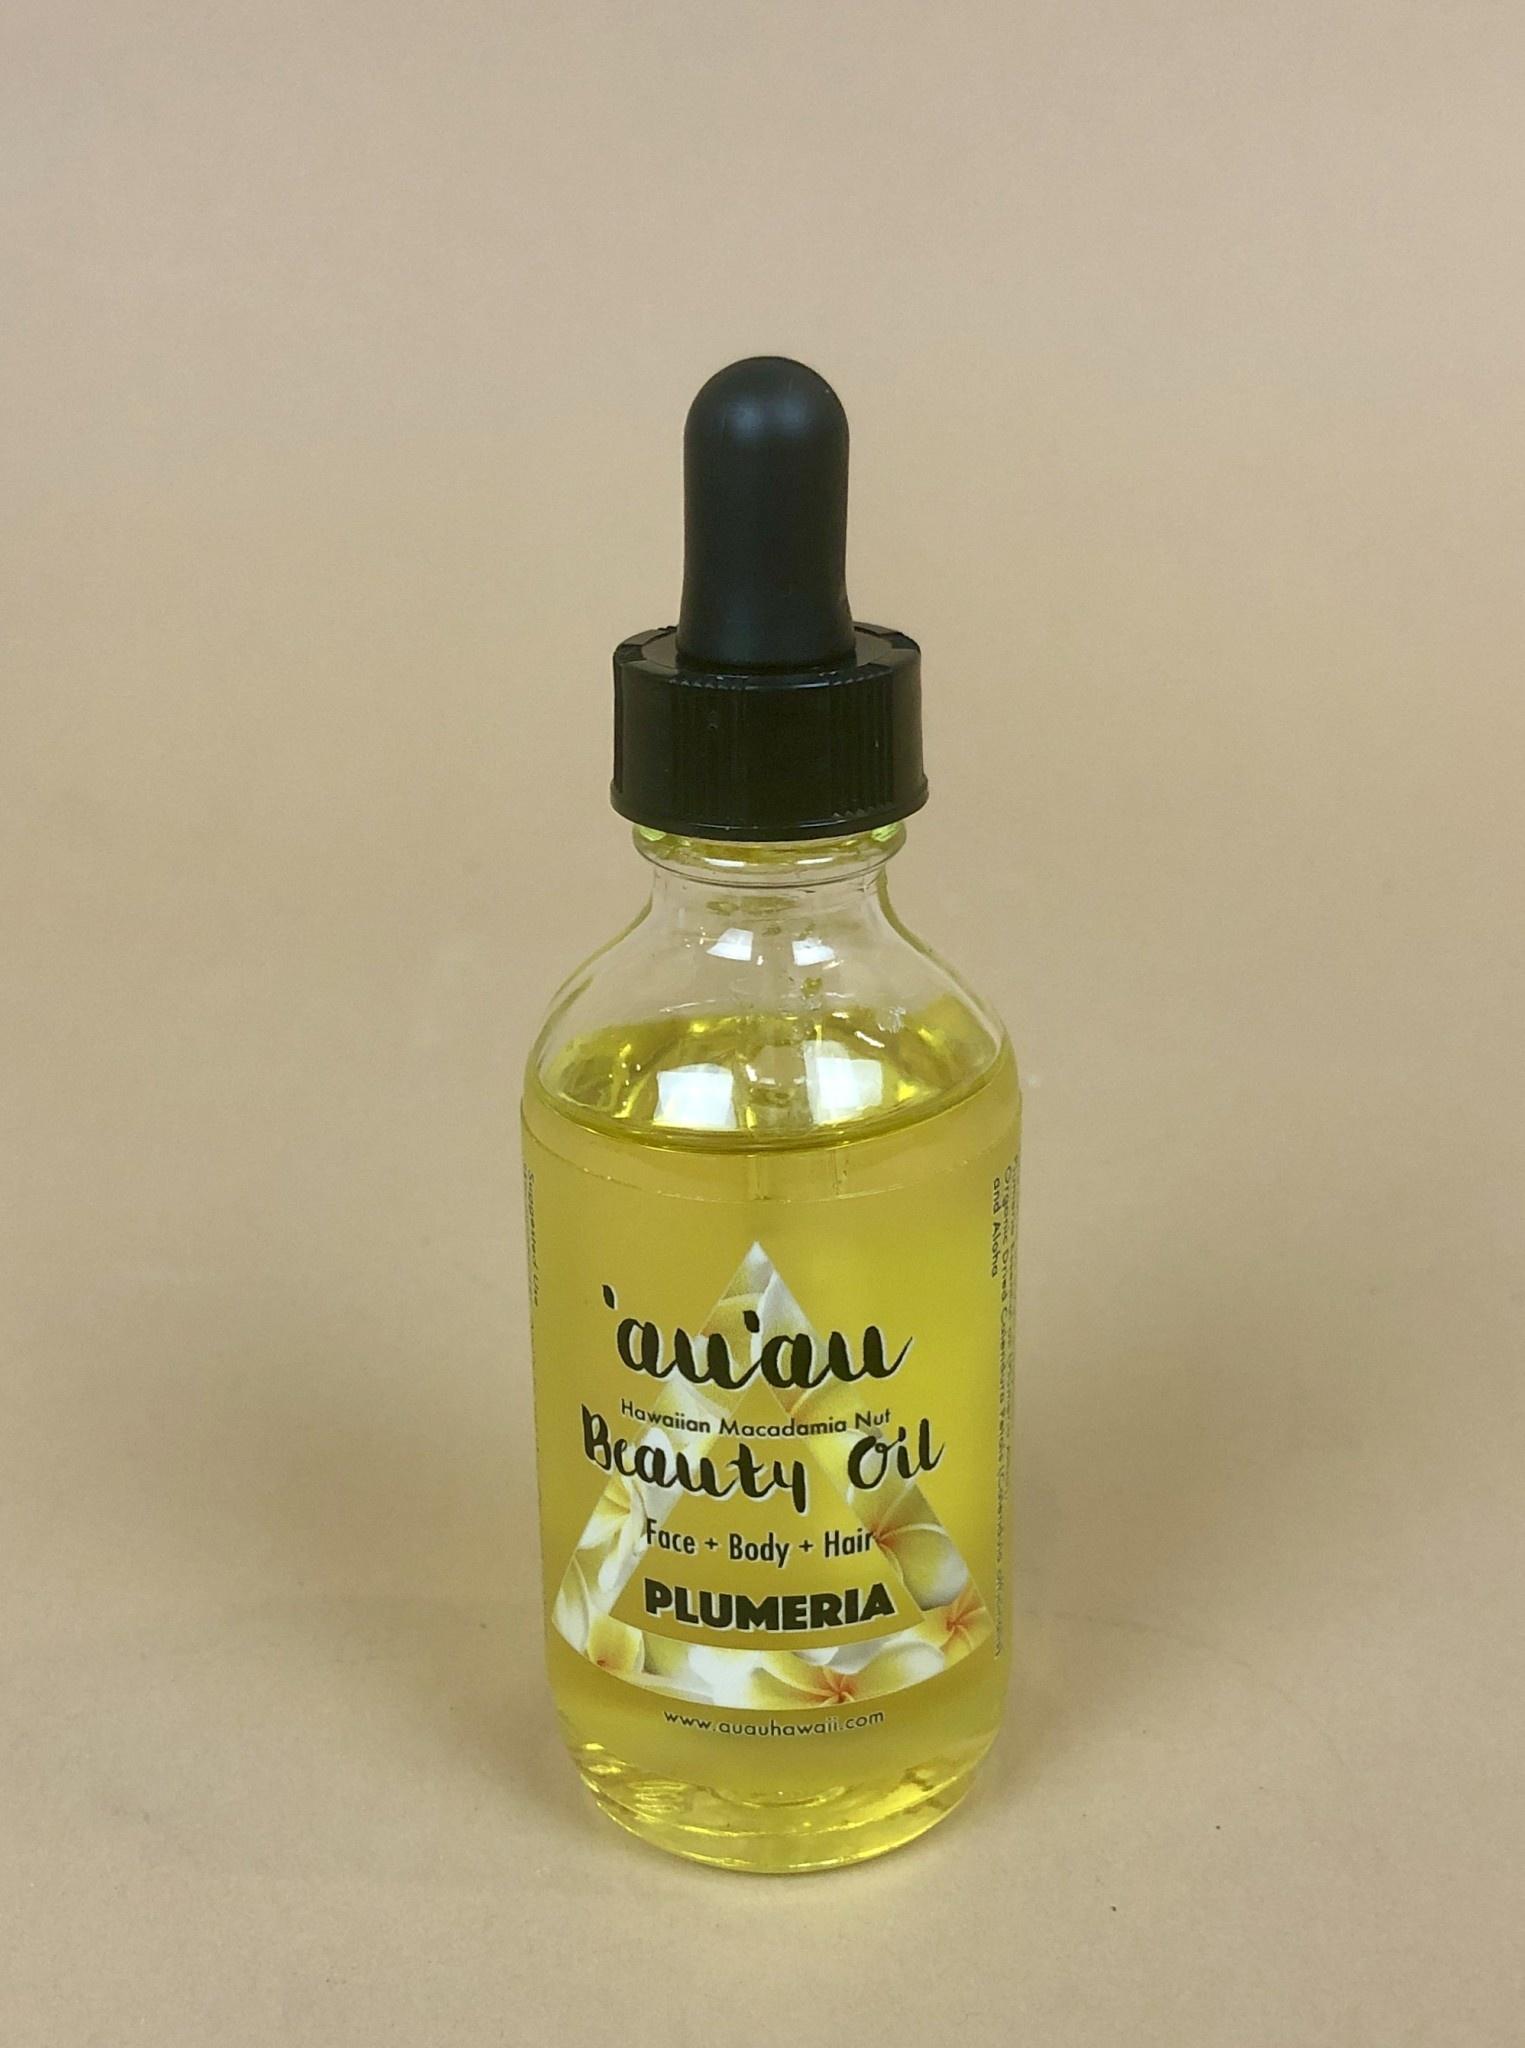 Hana Hou 'Au'au Plumeria Beauty Oil